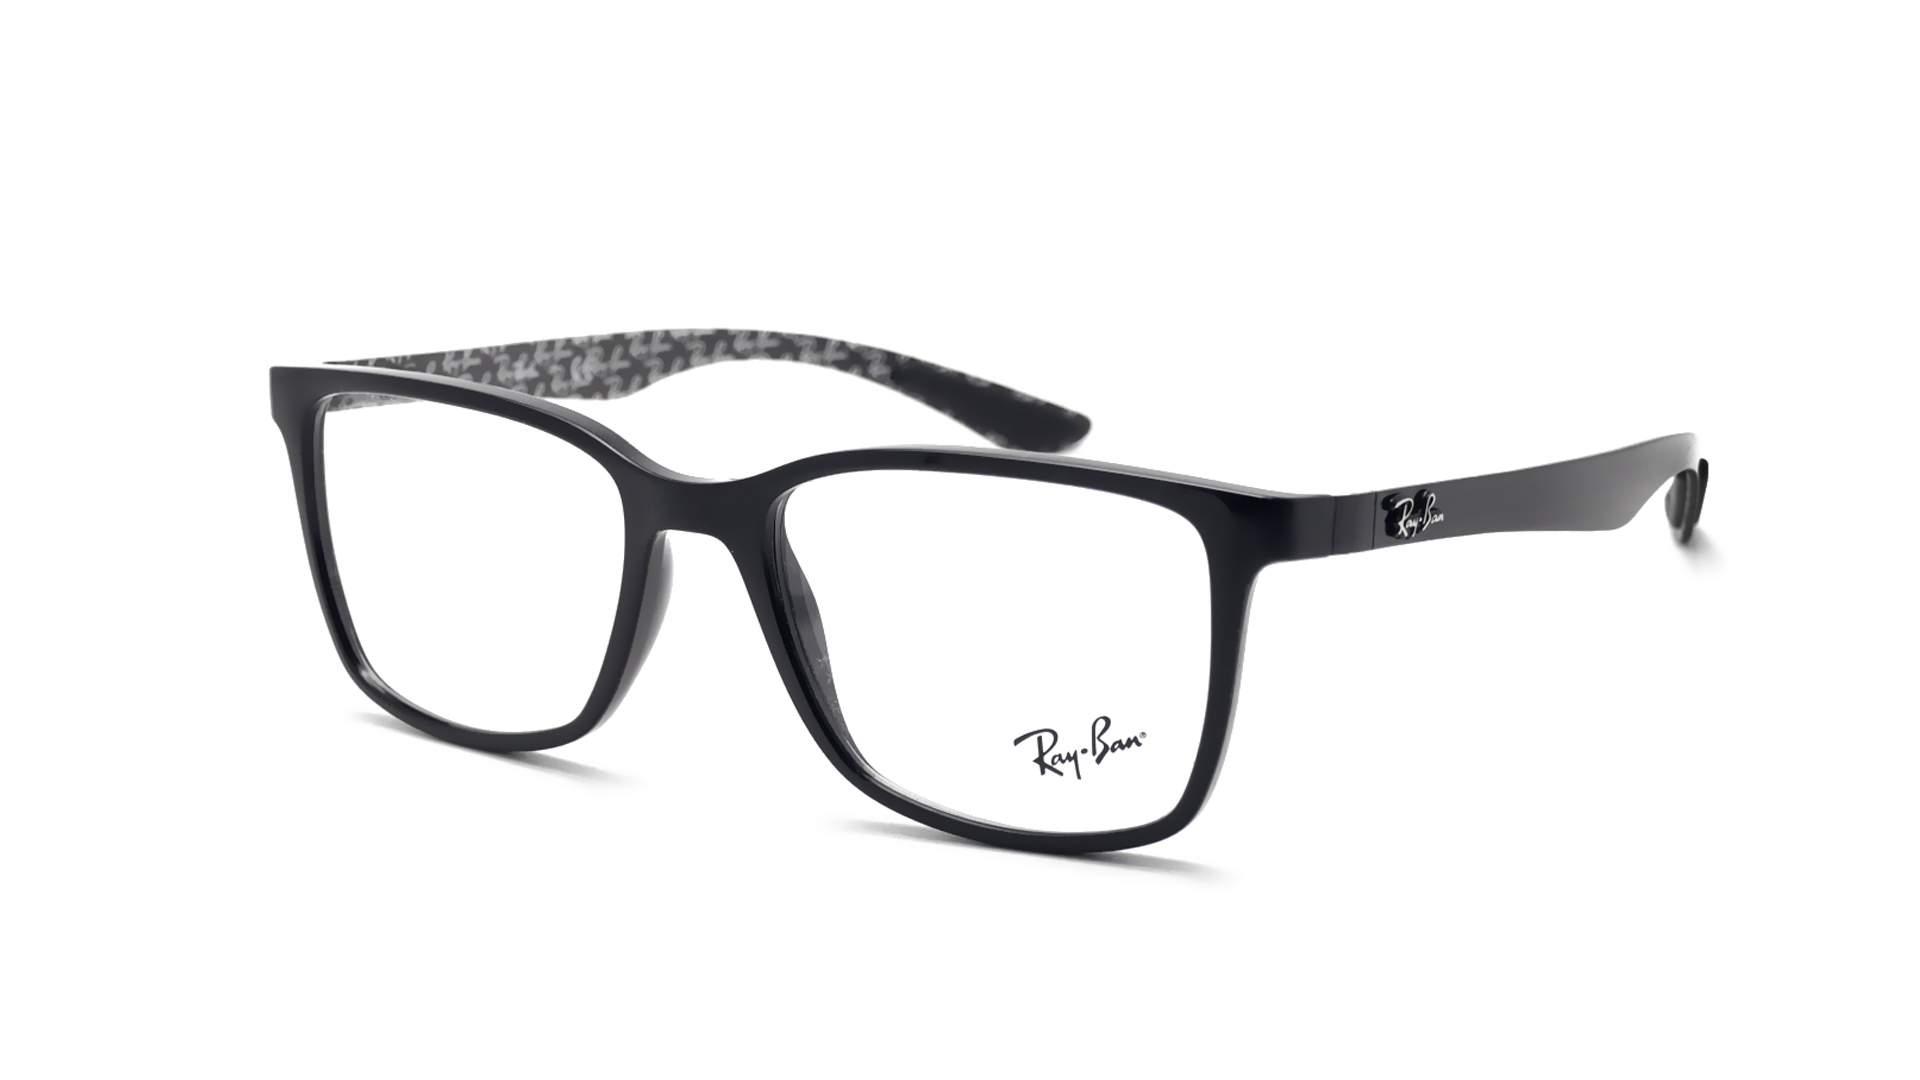 dfd1d81b31d96 Eyeglasses Ray-Ban Carbon fibre Black RX8905 RB8905 5843 53-18 Medium